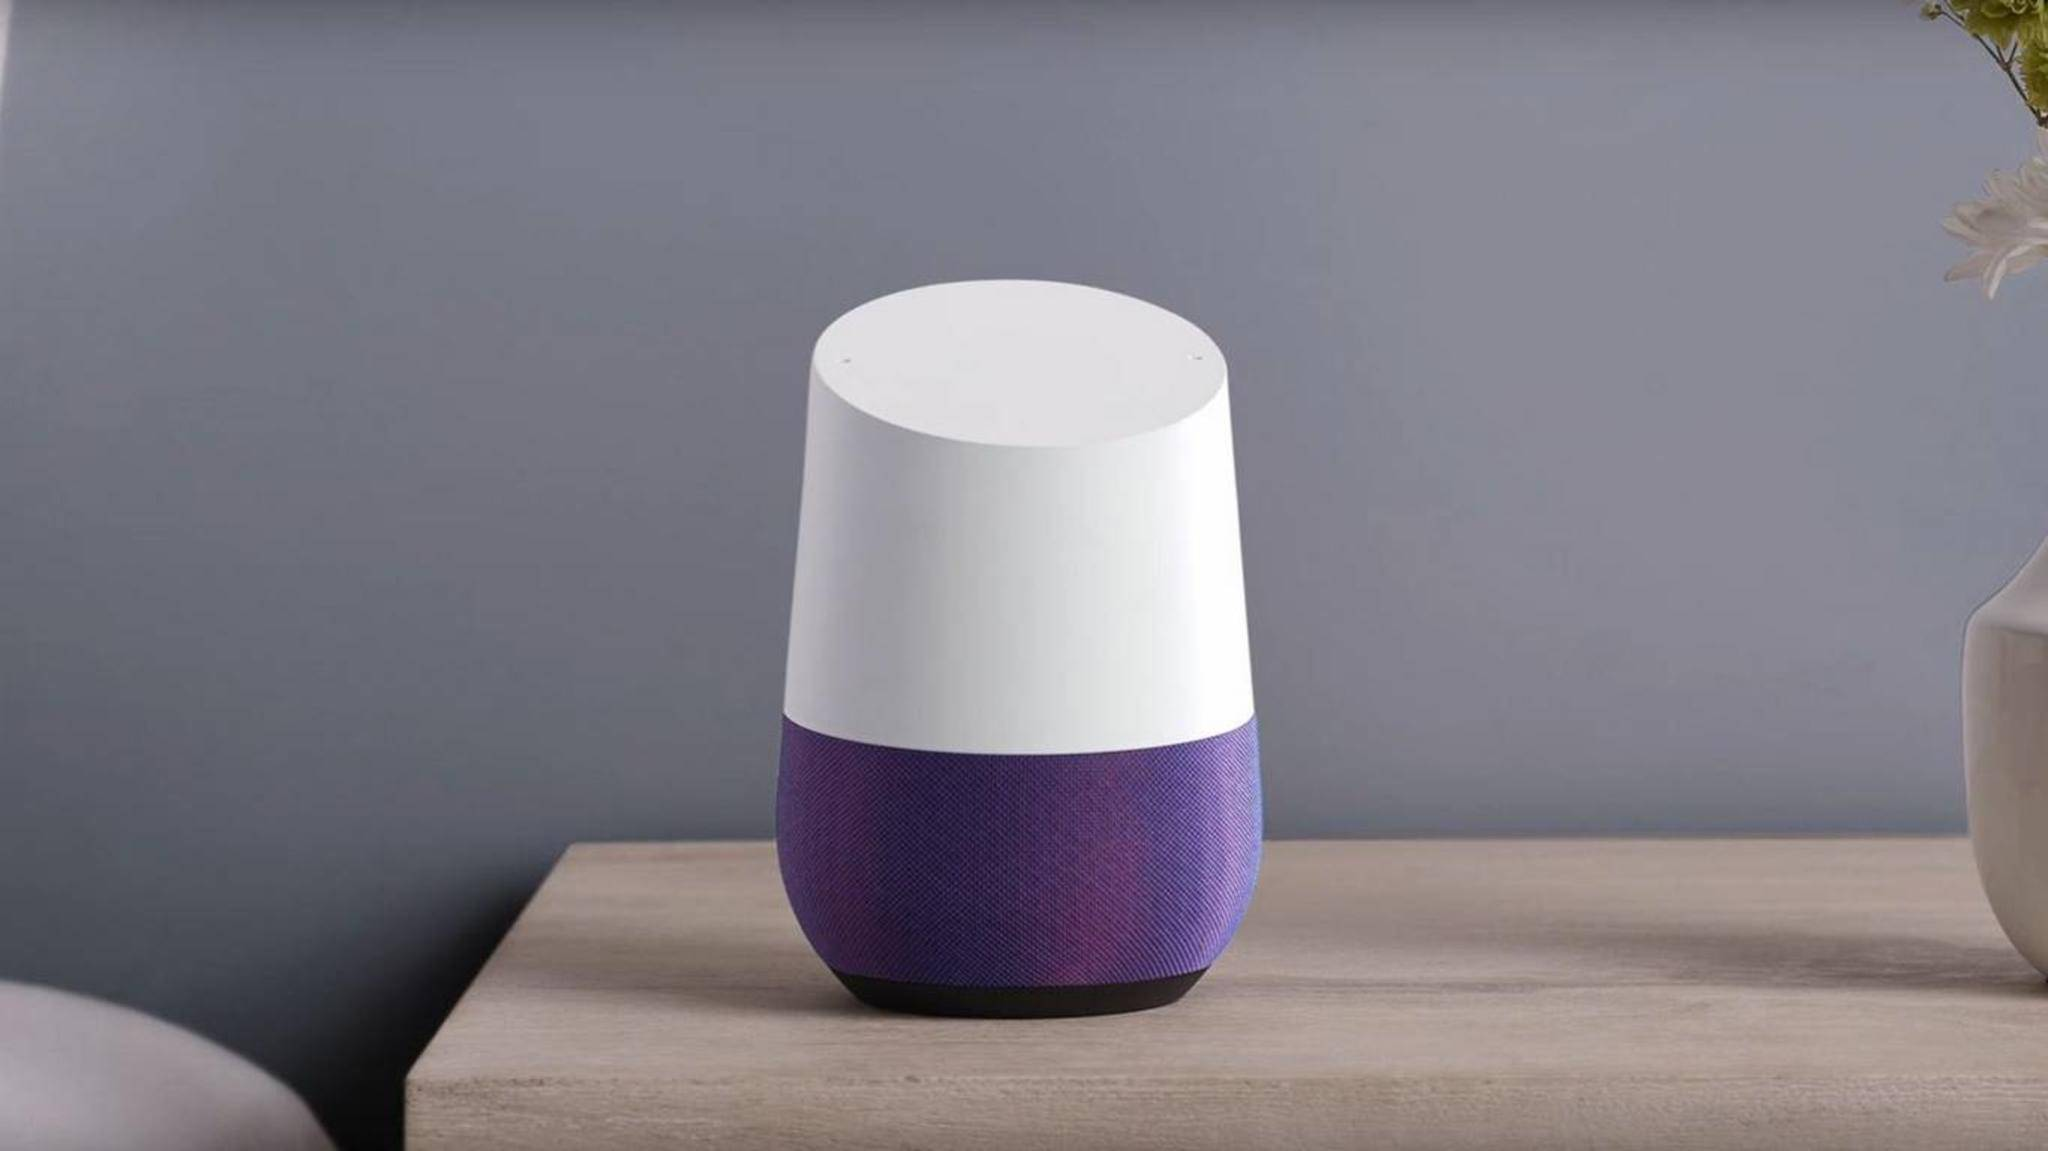 Mit Google Home will der Hersteller mit Amazon Echo konkurrieren.